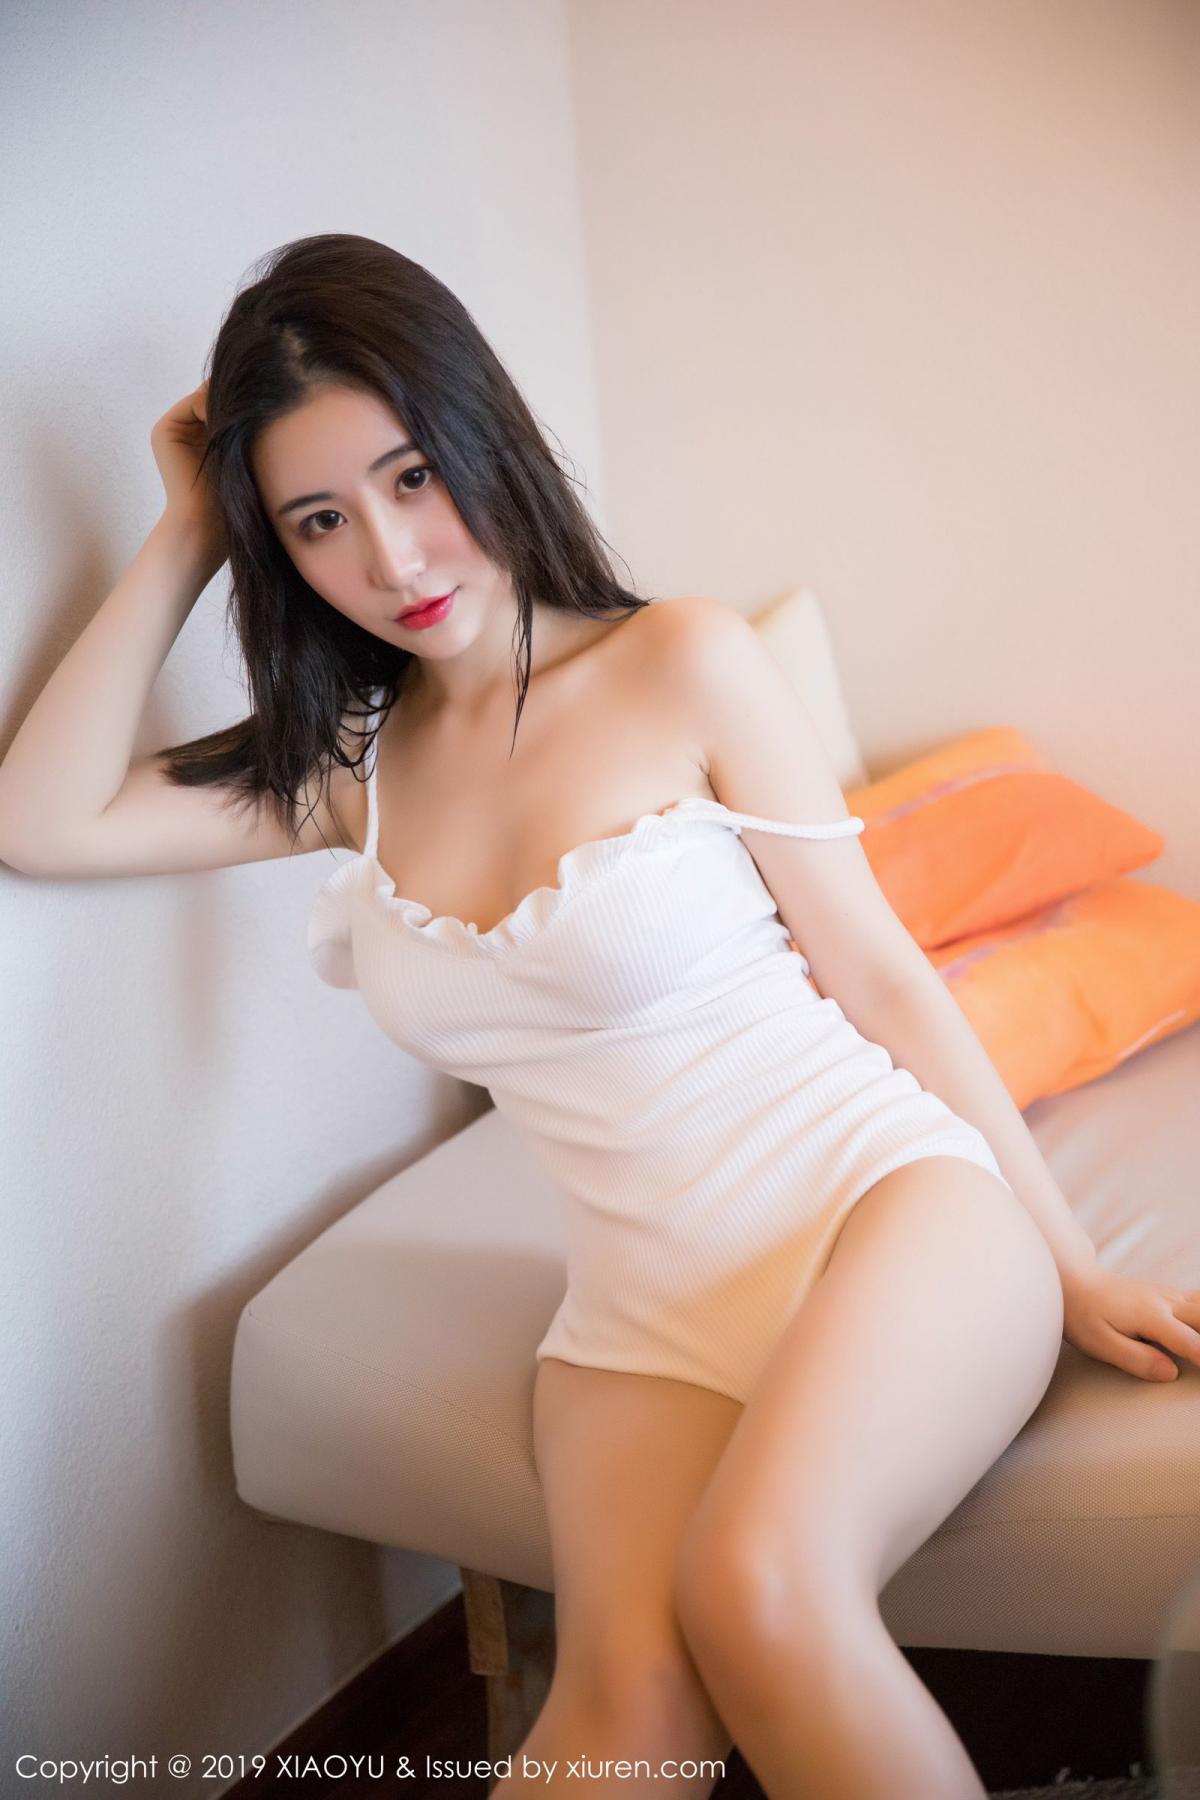 [XiaoYu] Vol.071 Xie Zhi Xin 1P, Bikini, XiaoYu, Xie Zhi Xin